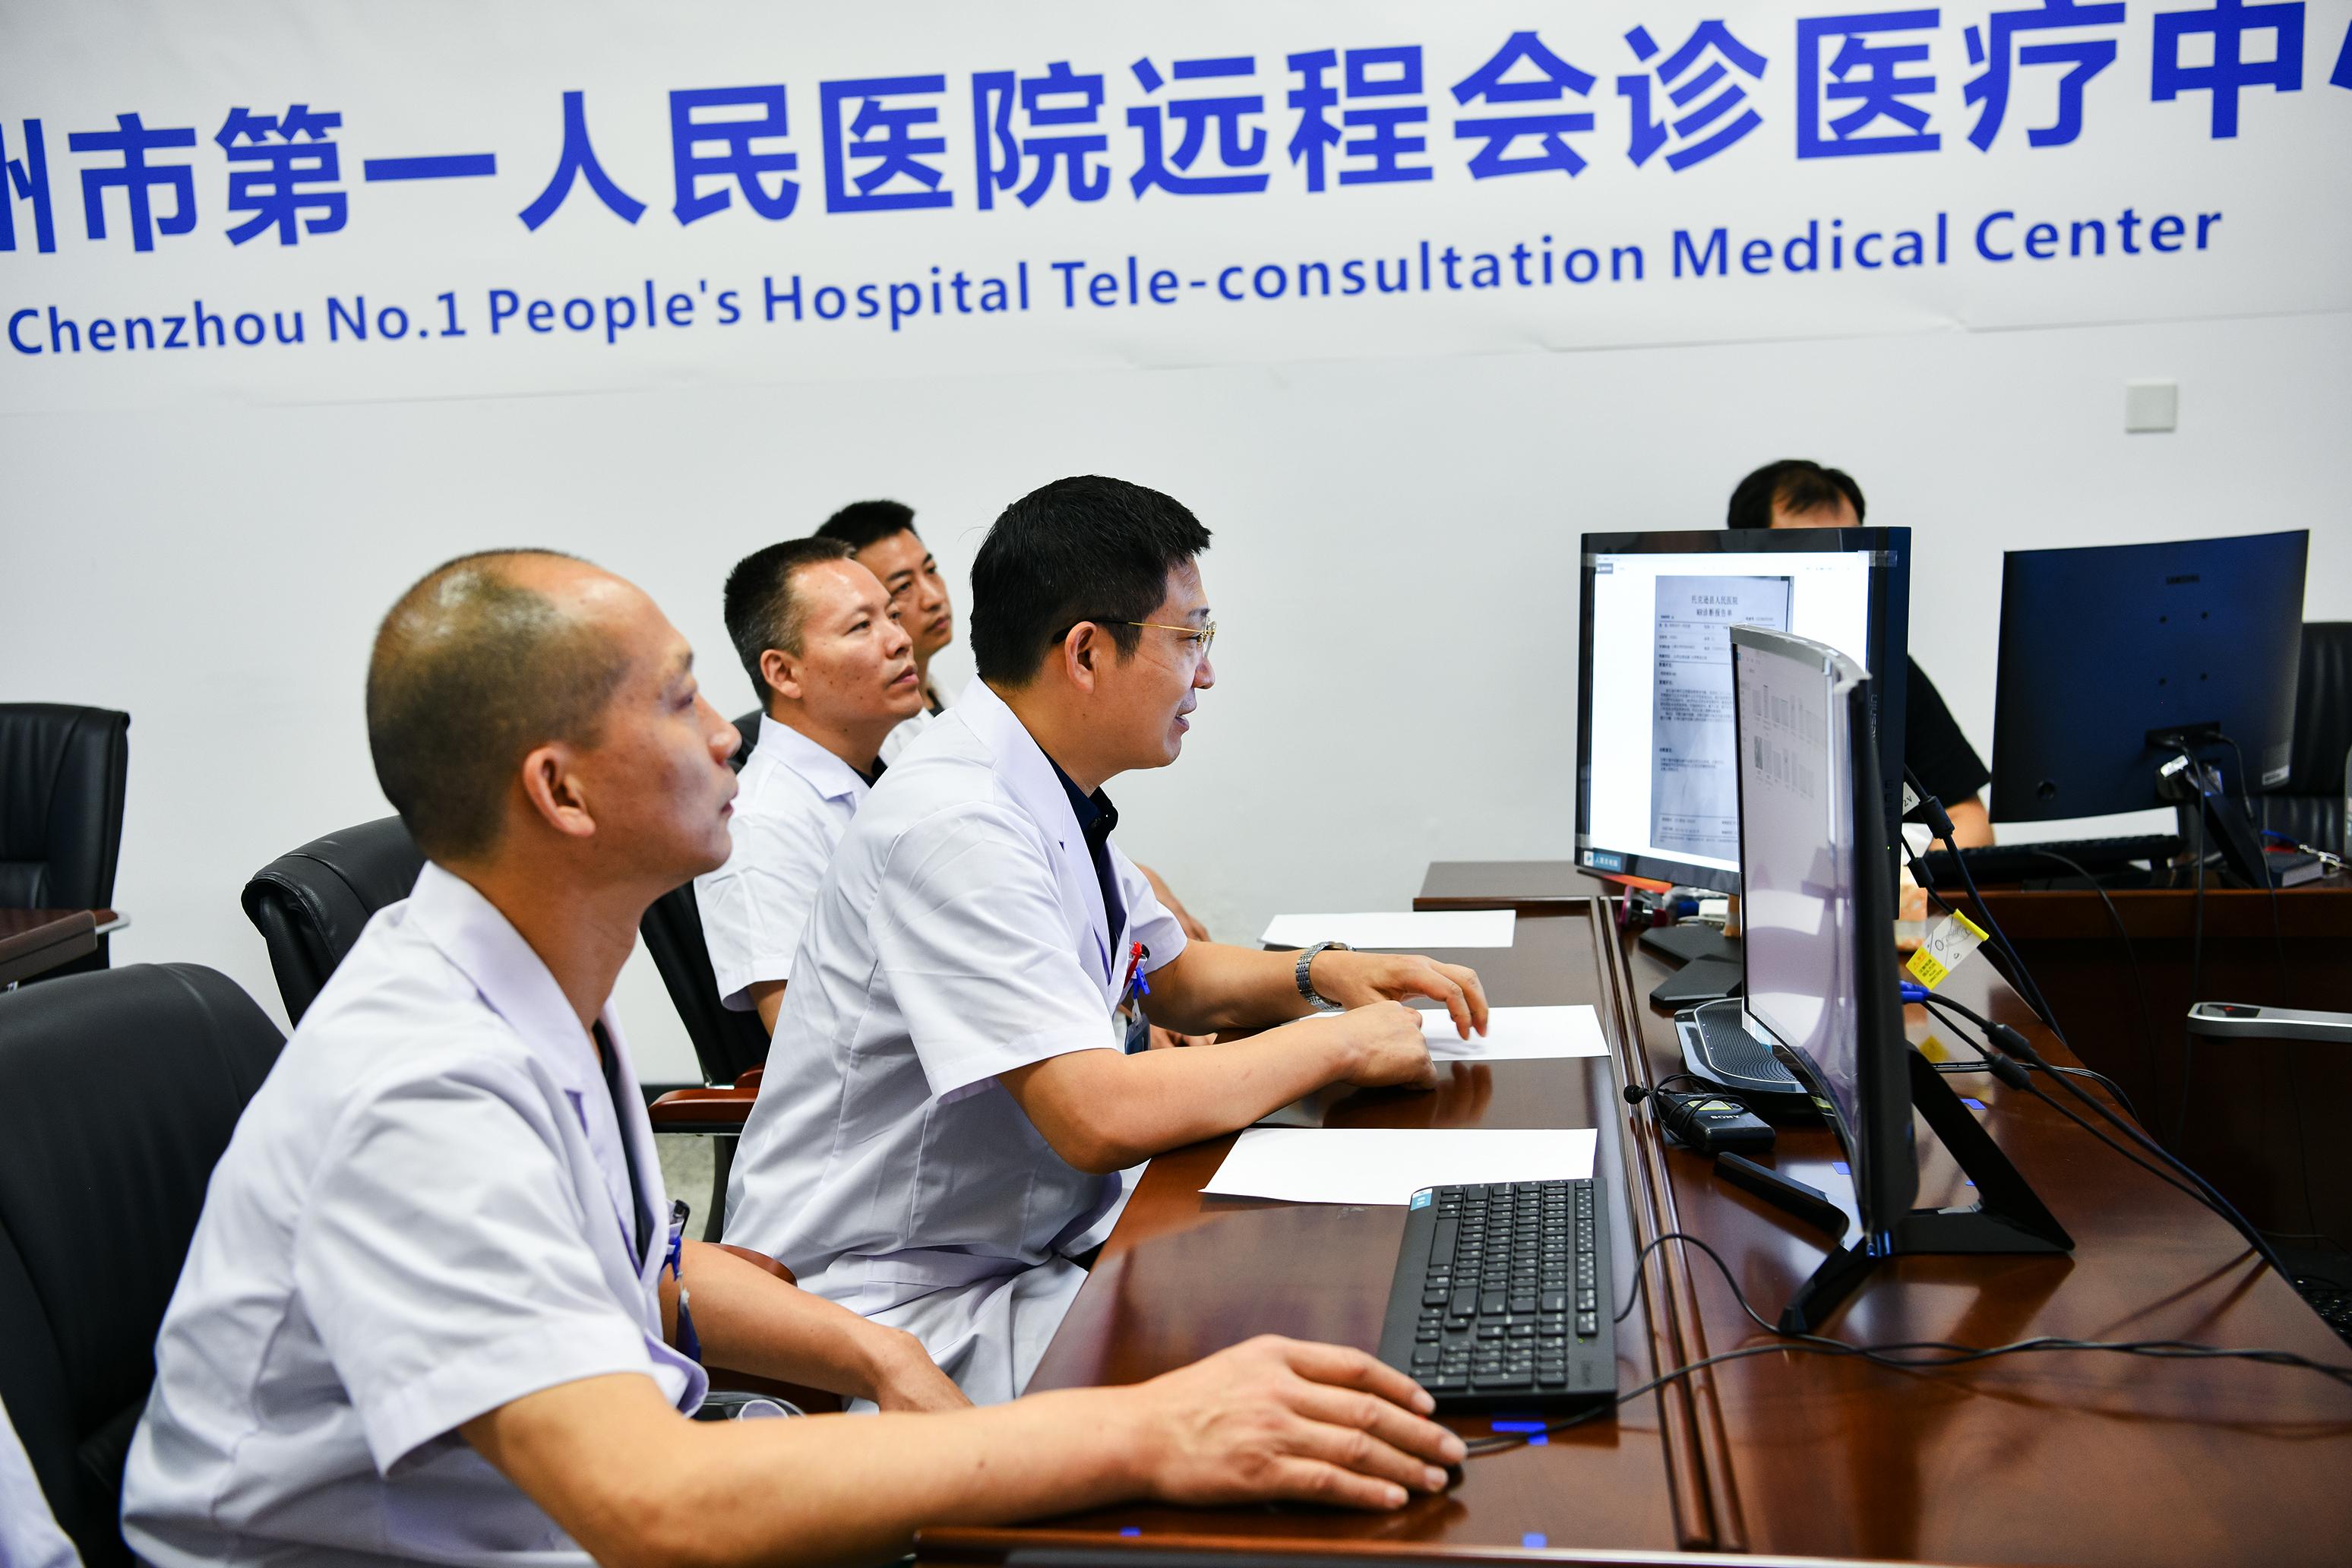 治病救人千里之外,「郴托」借「空中桥梁」实现医疗资源共享